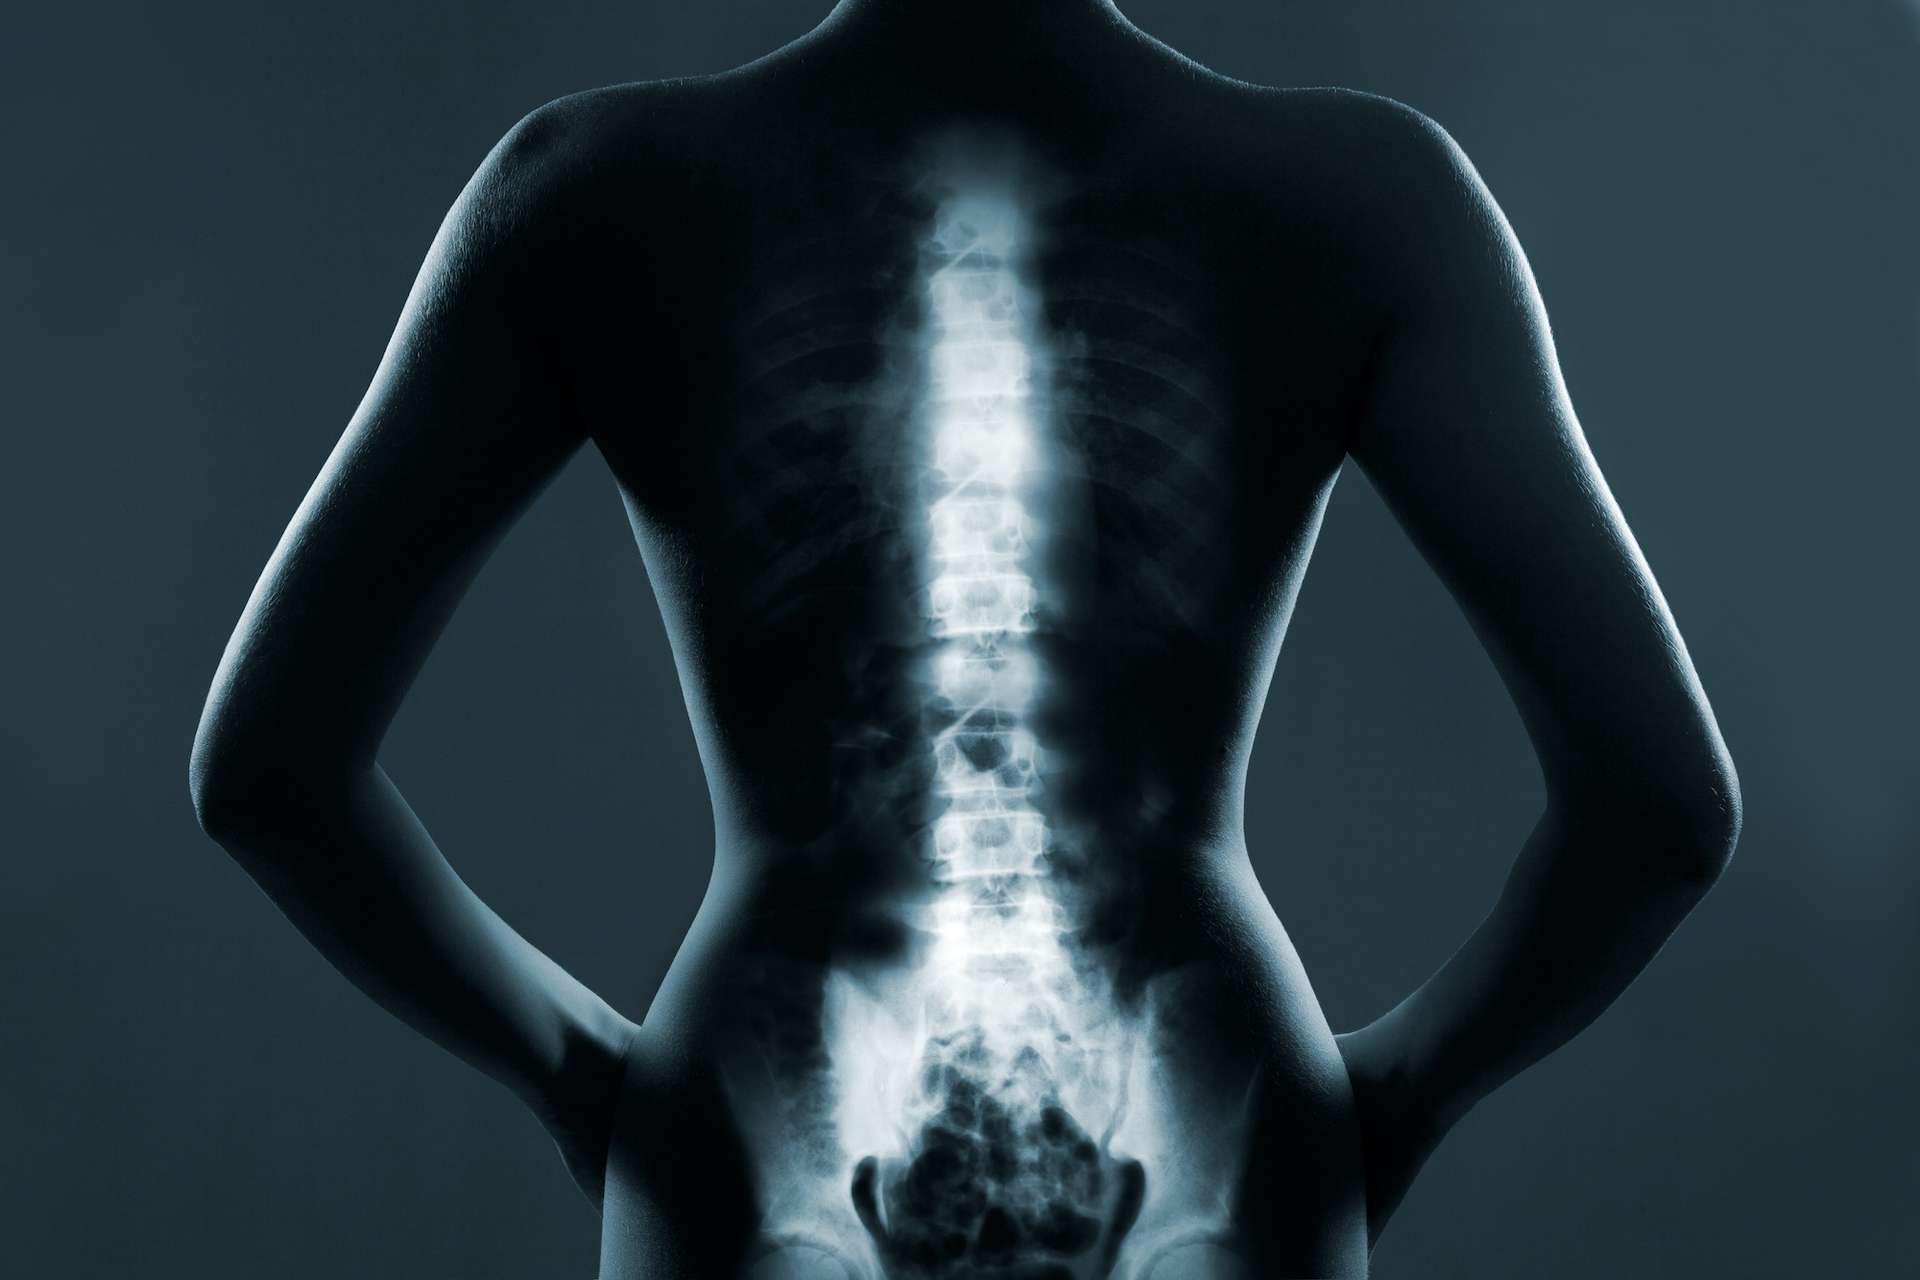 Les personnes exposées aux particules fines ont une plus faible densité osseuse. © hamara, Adobe Stock